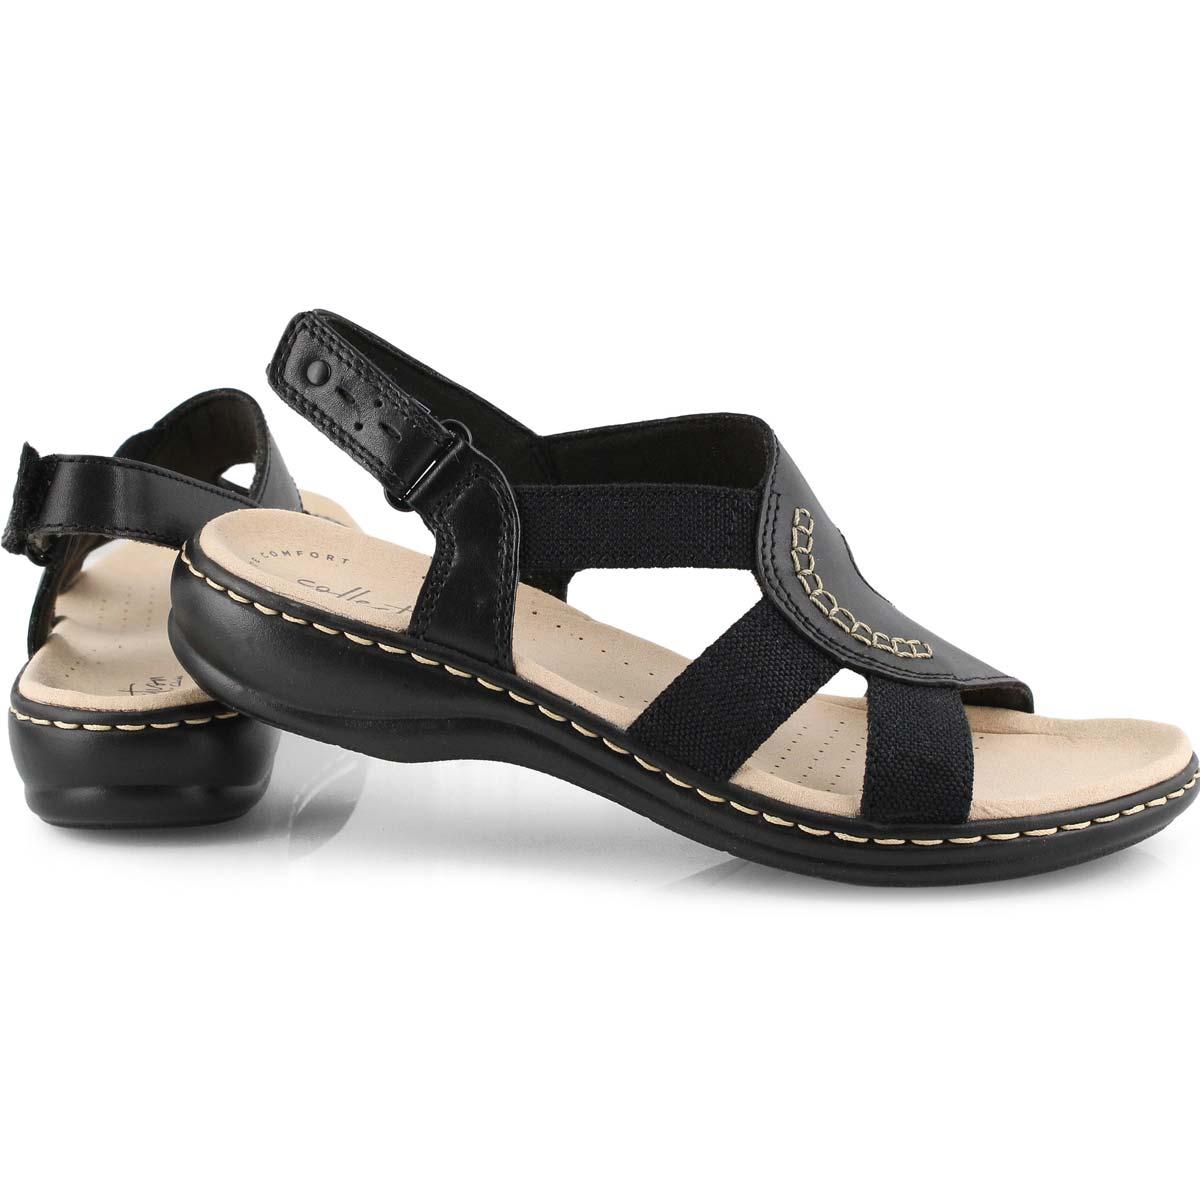 Sandale décontractée LEISA JOY, noire, femme